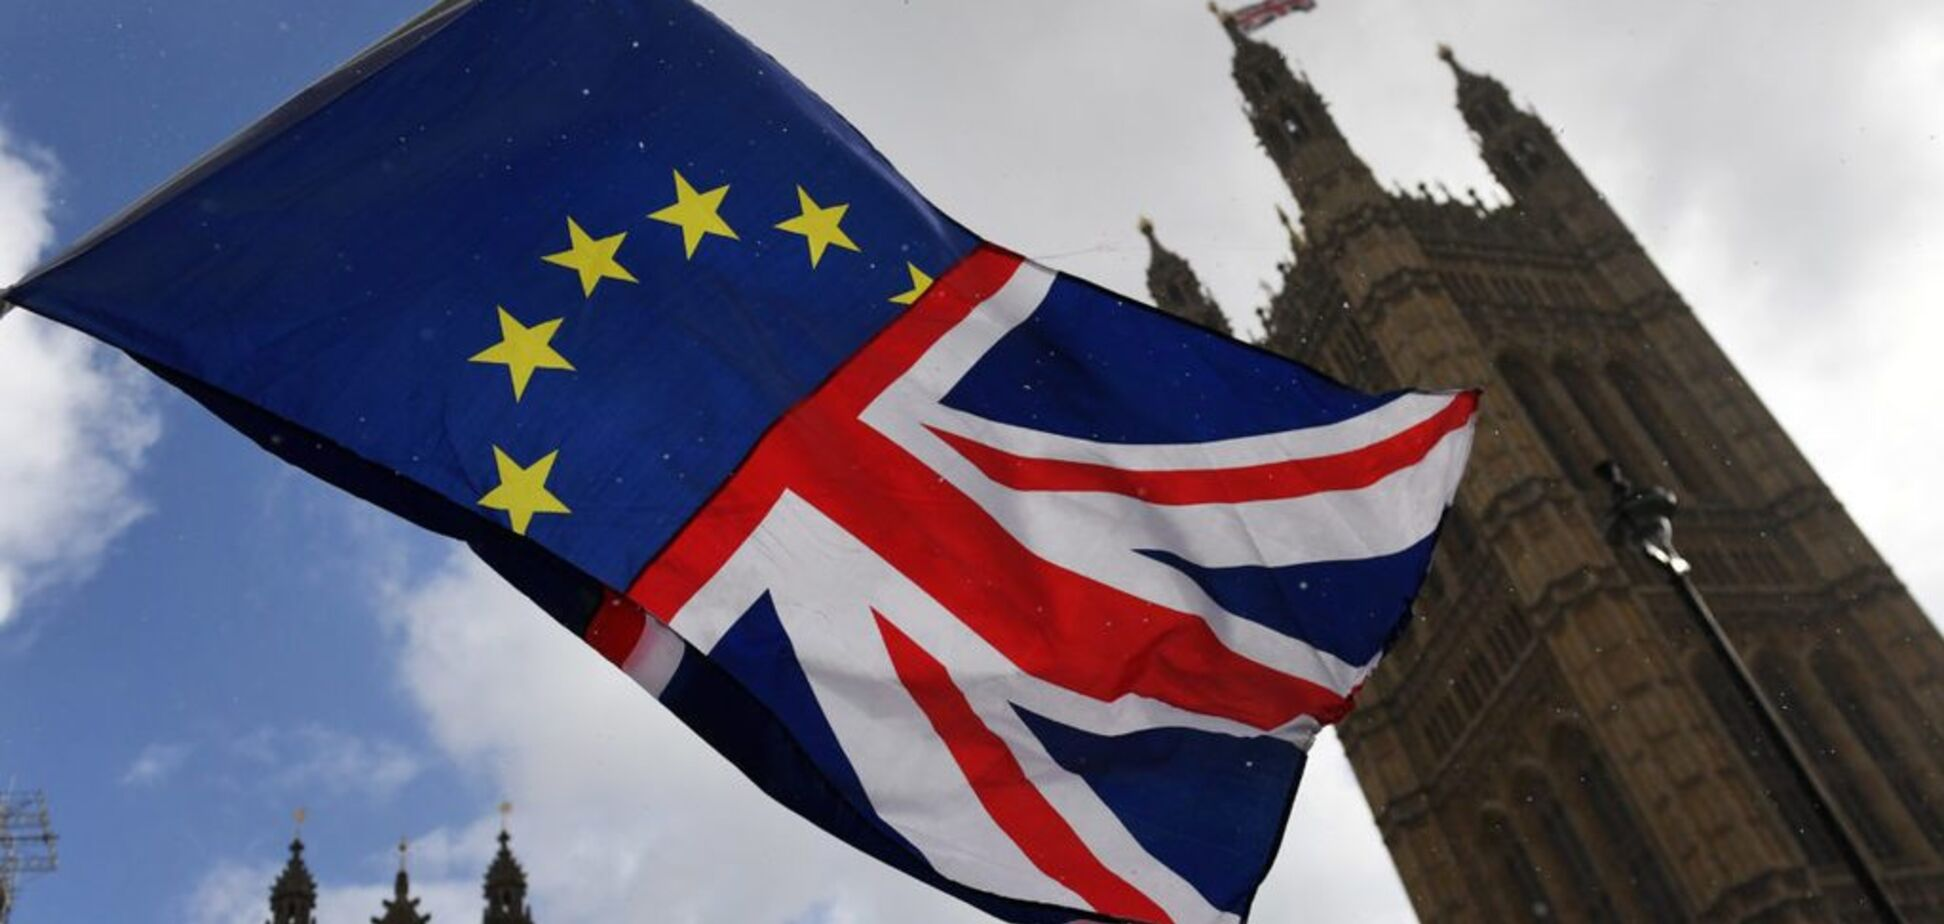 Мэй ушла: Британия получила нового премьер-министра